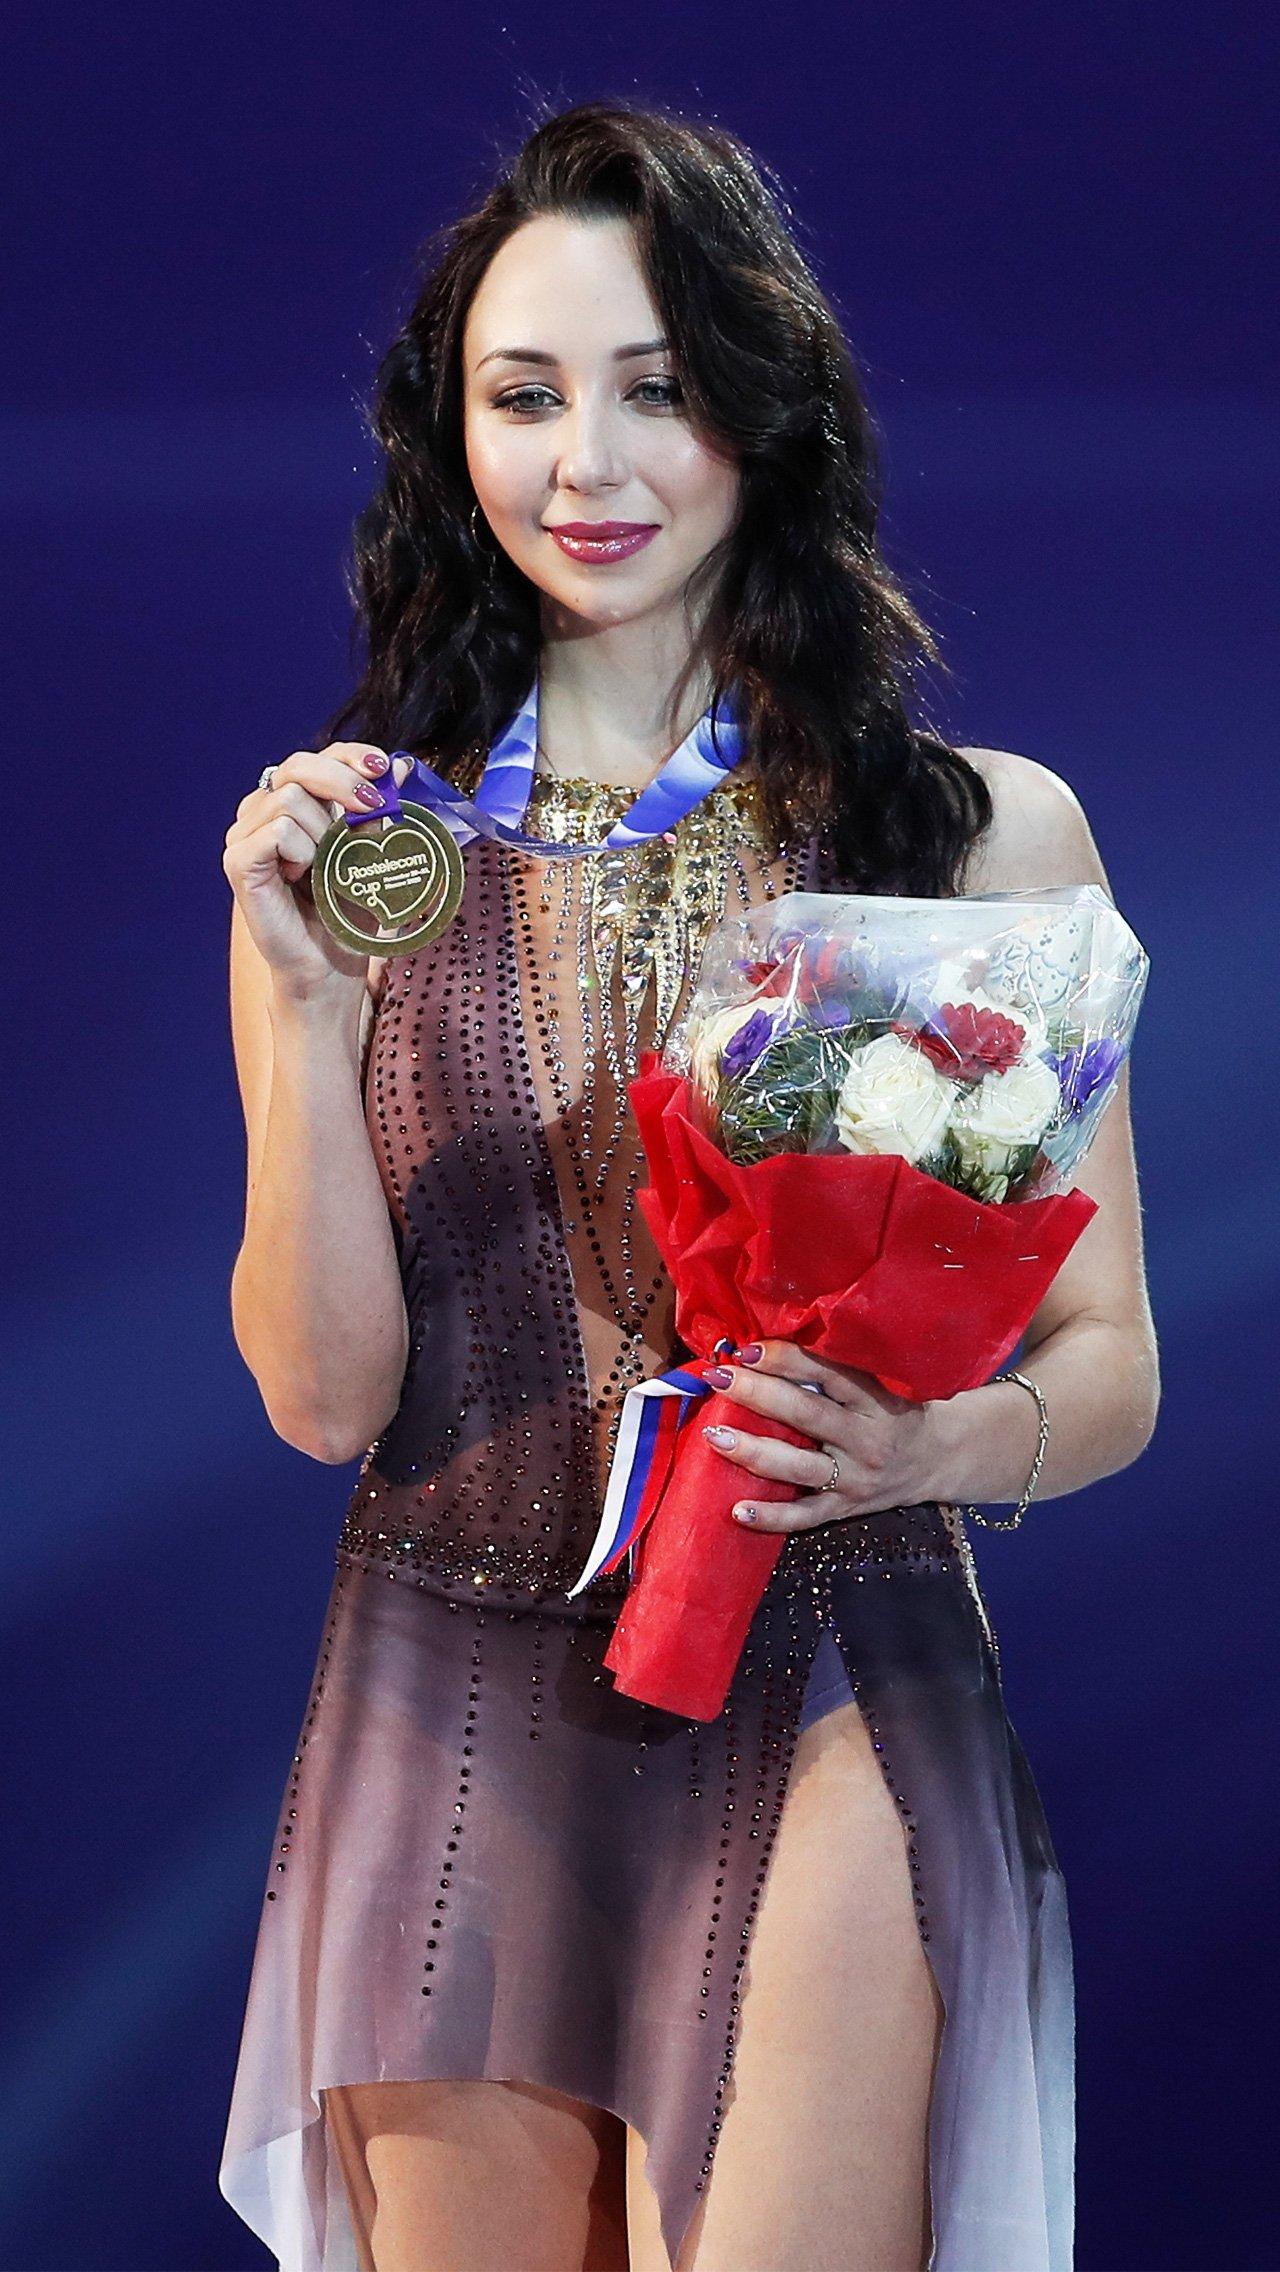 Елизавета Туктамышева единственная выполнила все критерии для попадания в сборную. Лиза взяла золото Гран-при, серебро чемпионата мира и хорошо проявила себя на чемпионате России и в финале Кубка.